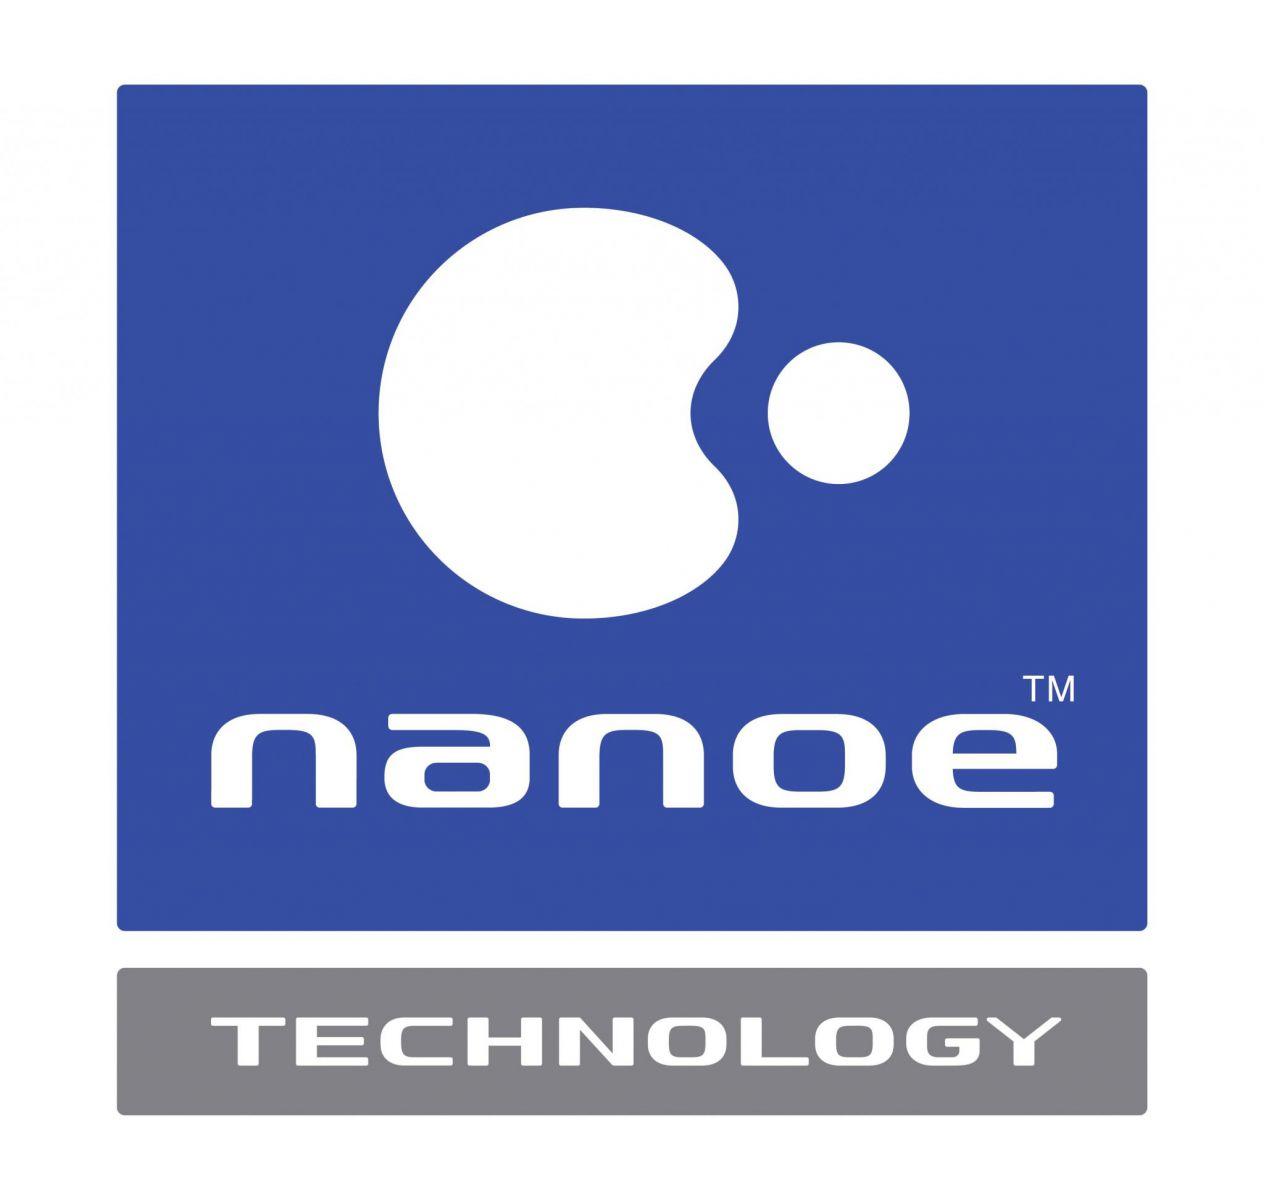 Công nghệ nanoe™ là gì?